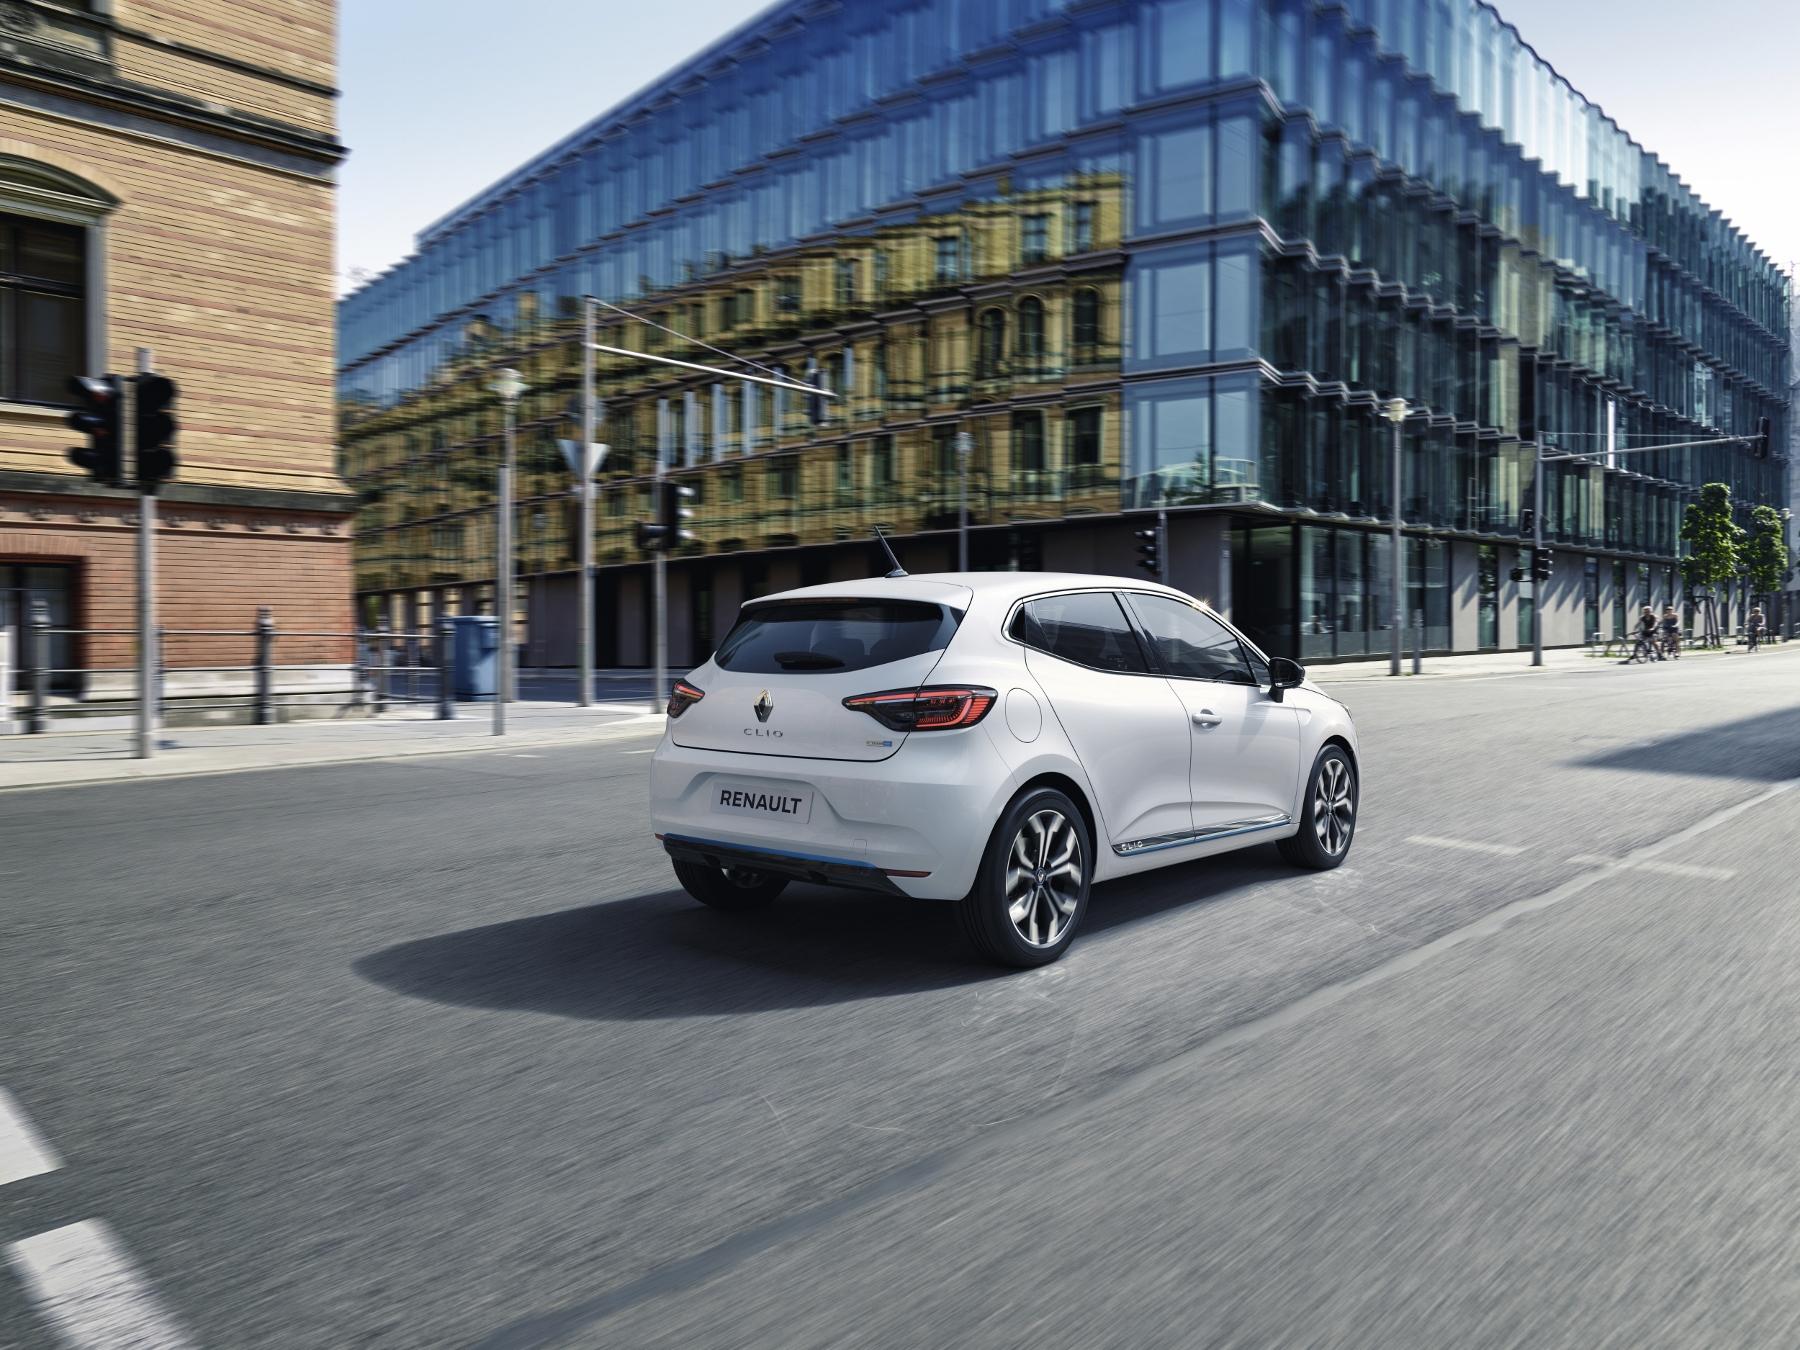 Renault Clio (22)